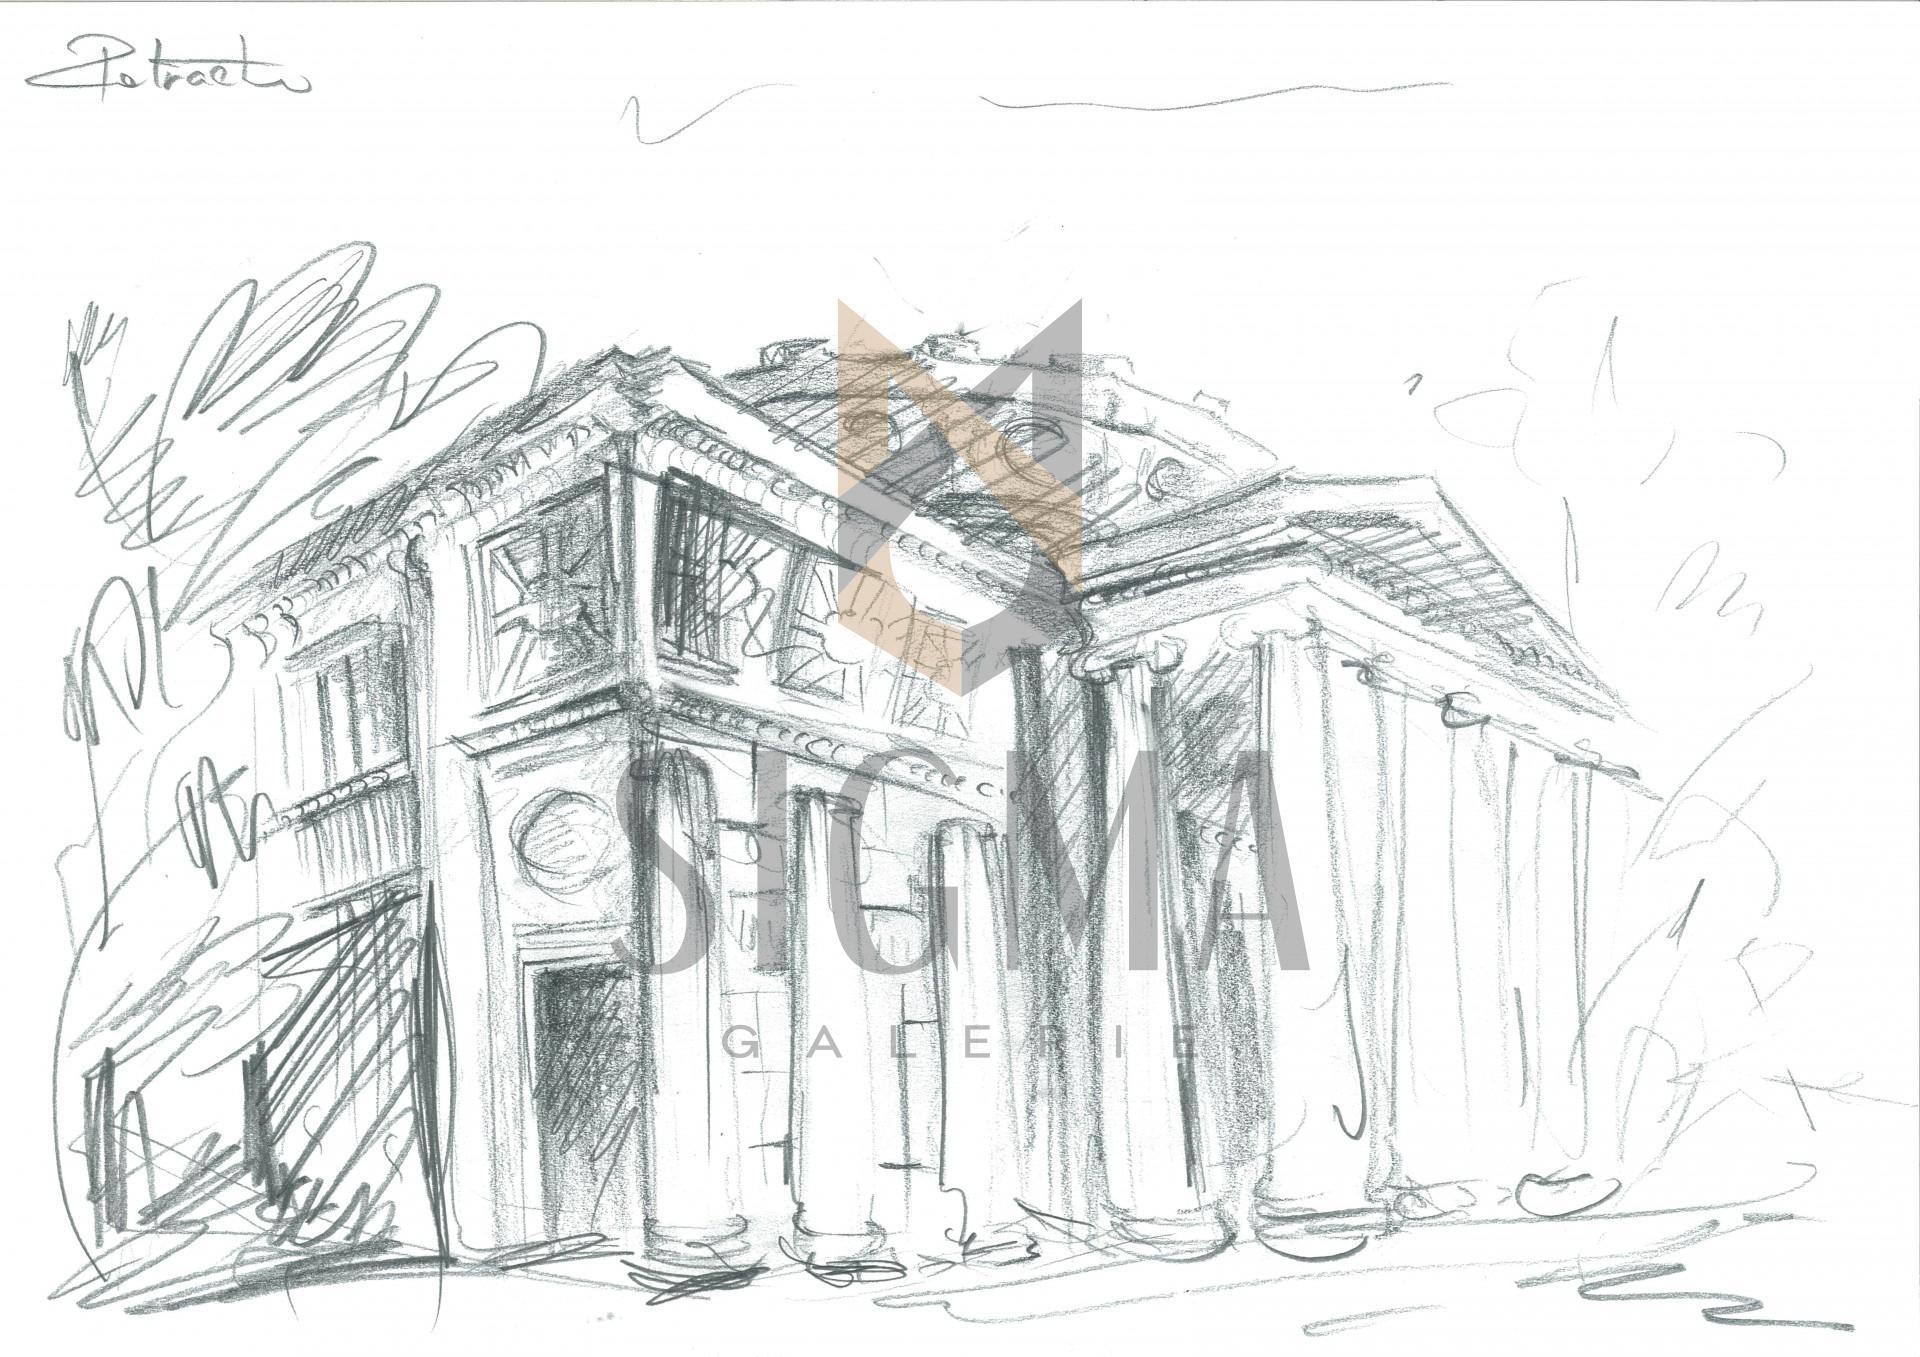 Tablou, Florin Petrachi, - Amintire din Ateneu -, creion, 30x40 cm